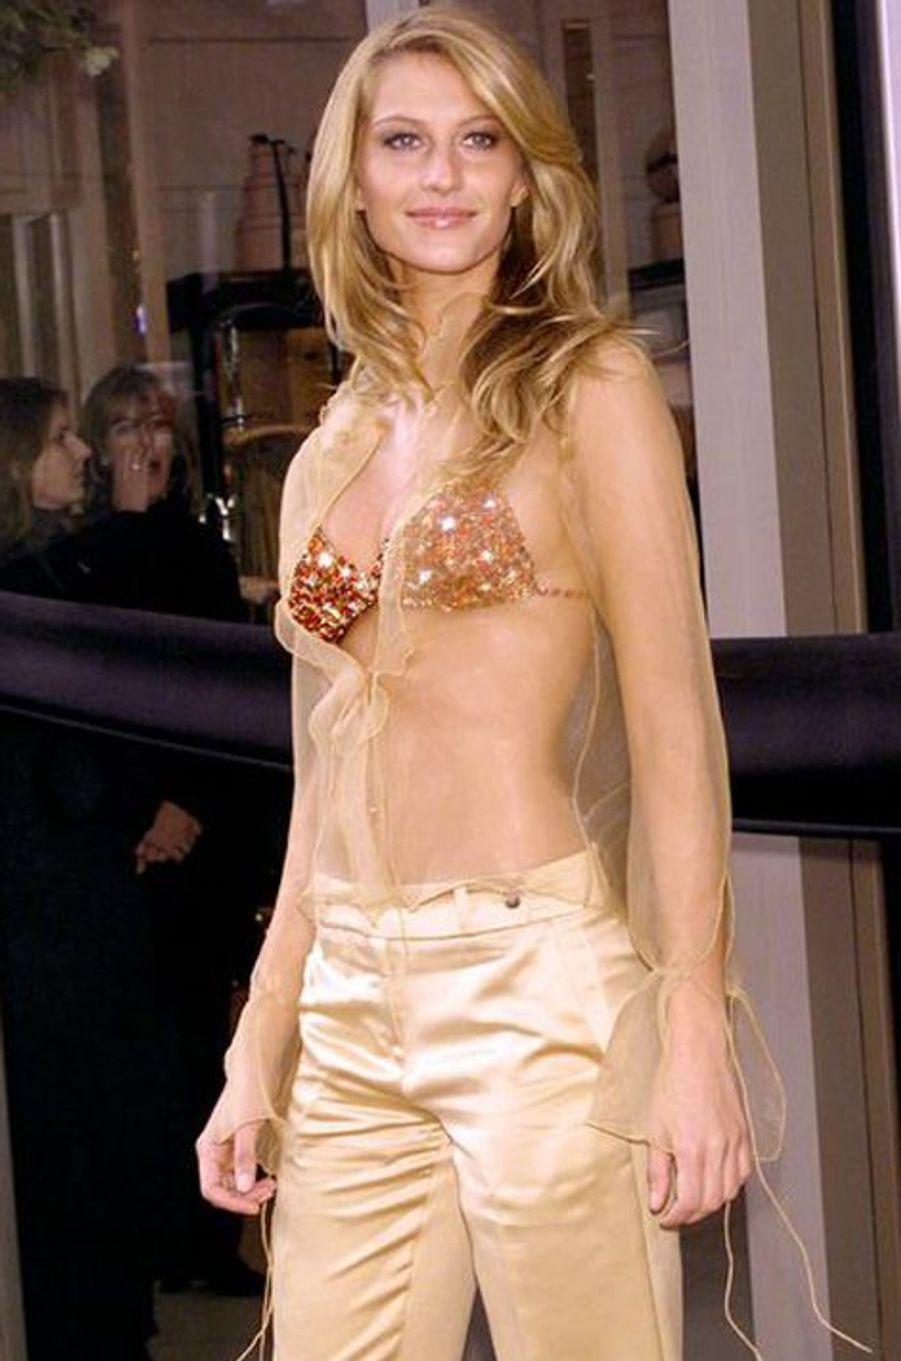 """Gisele Bündchen en 2000 : un """"Red Hot Fantasy Bra"""" estimé à 15 millions de dollars"""